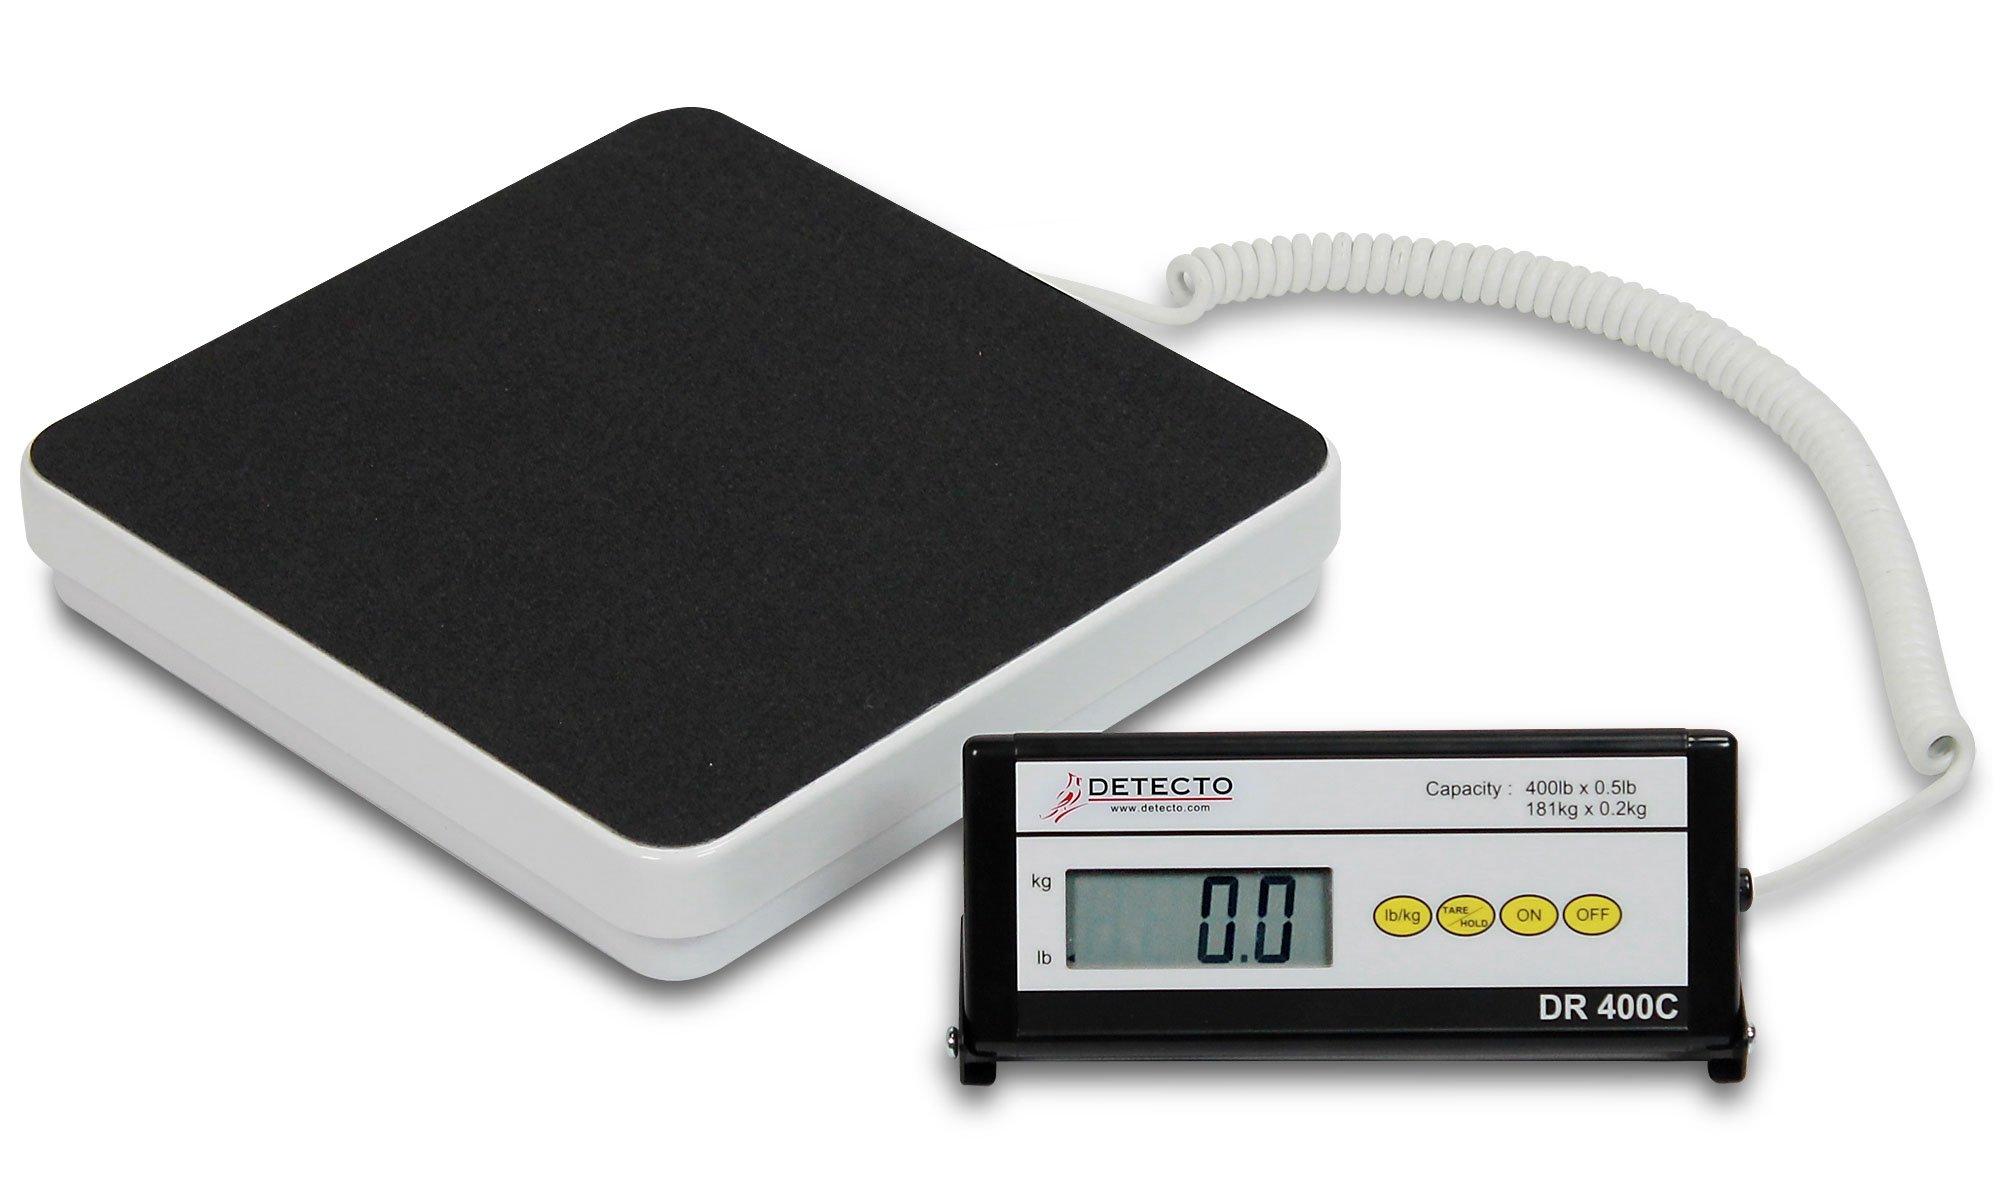 Portable Digital Visiting Nurse Scale - 400lb Capacity